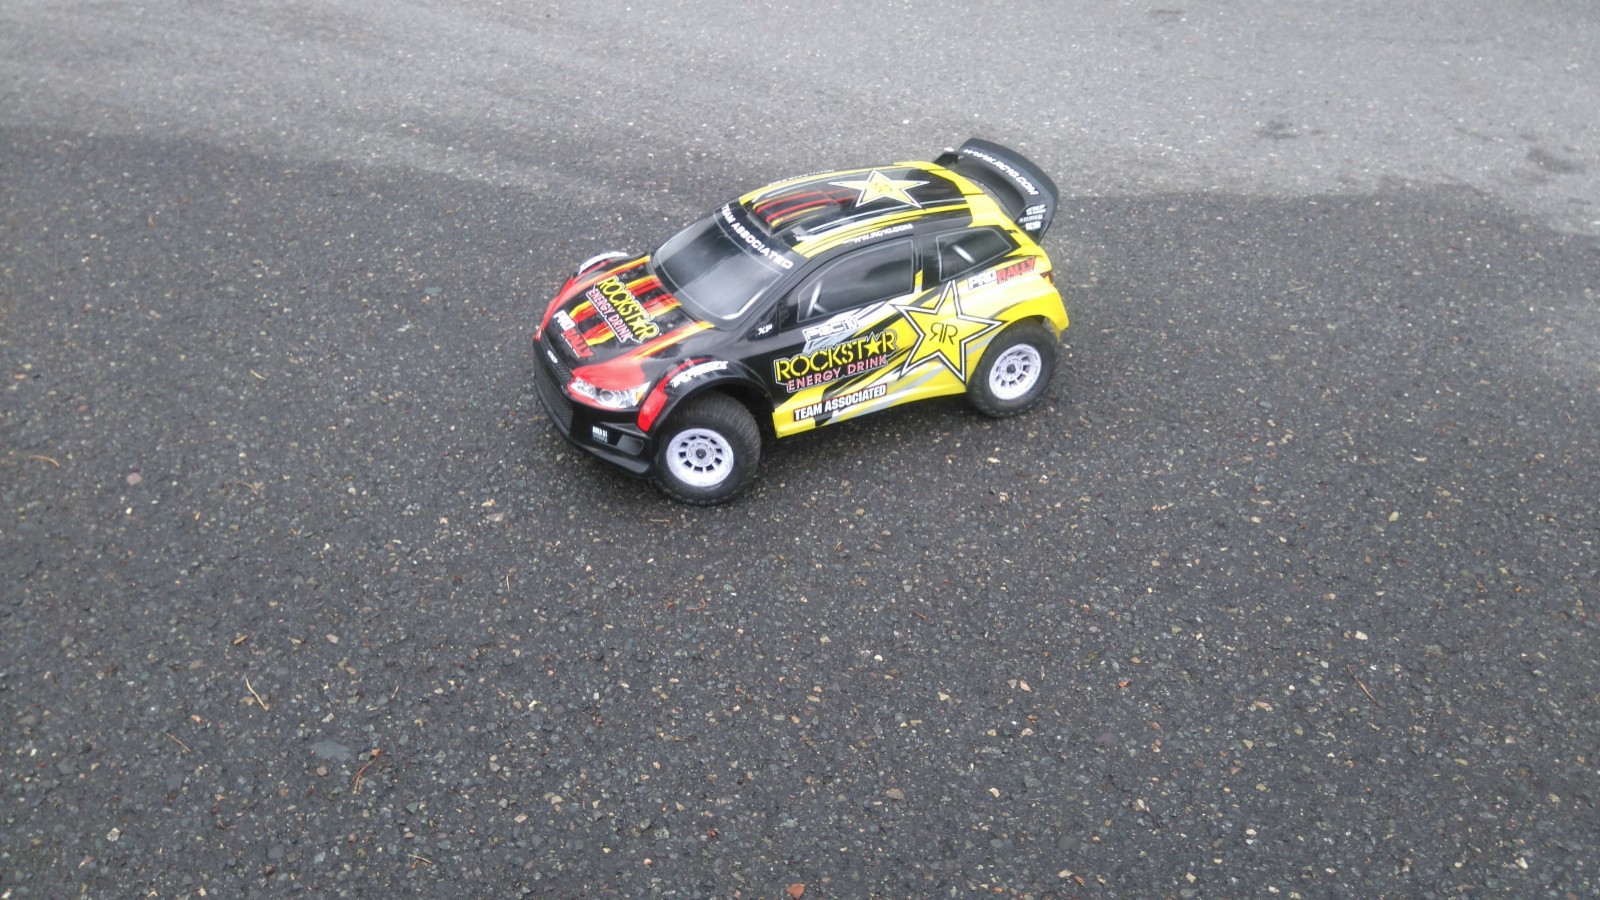 Team Associated Rally 1/10  4WD - Oslo  - Team Associated Rally bil RTR selges.  Utrolig morsom bil,som kan kjøres på 2 eller 3cellers Lipo batterier. (følger med ett nesten nytt 2cellers). Bilen er nesten 50 cm. lang så mer 1/8. Prisen er ferdig prutet.  K - Oslo